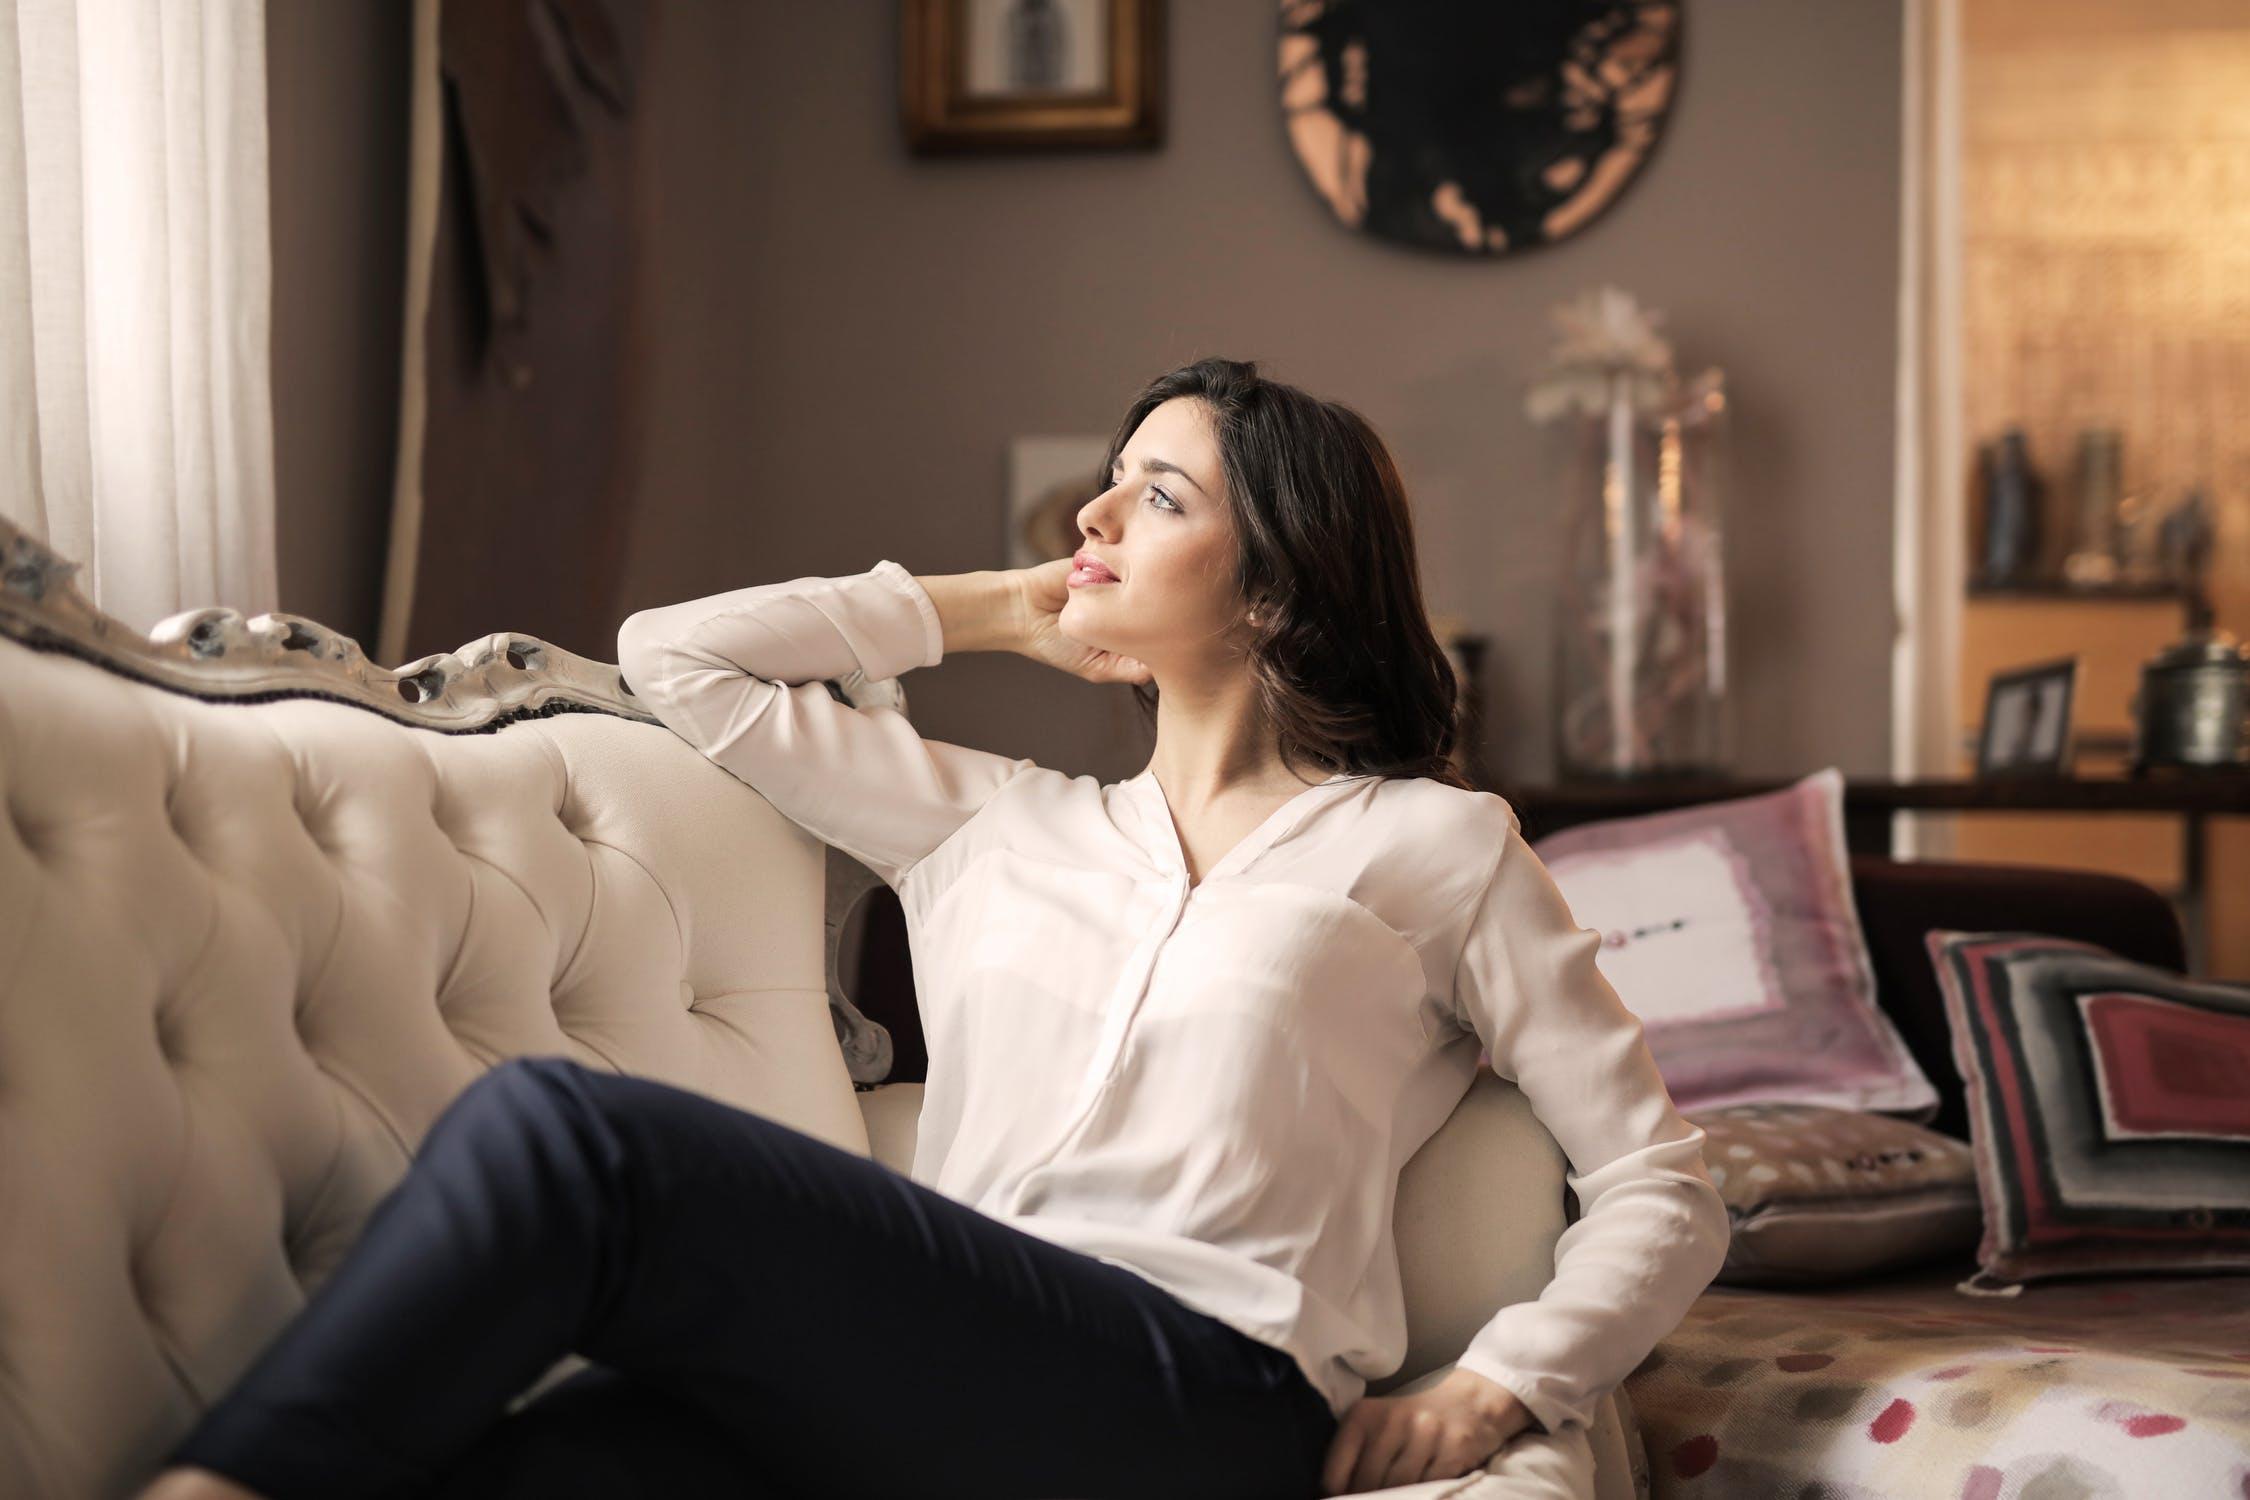 Luksusowy dom i kobieta w fotelu